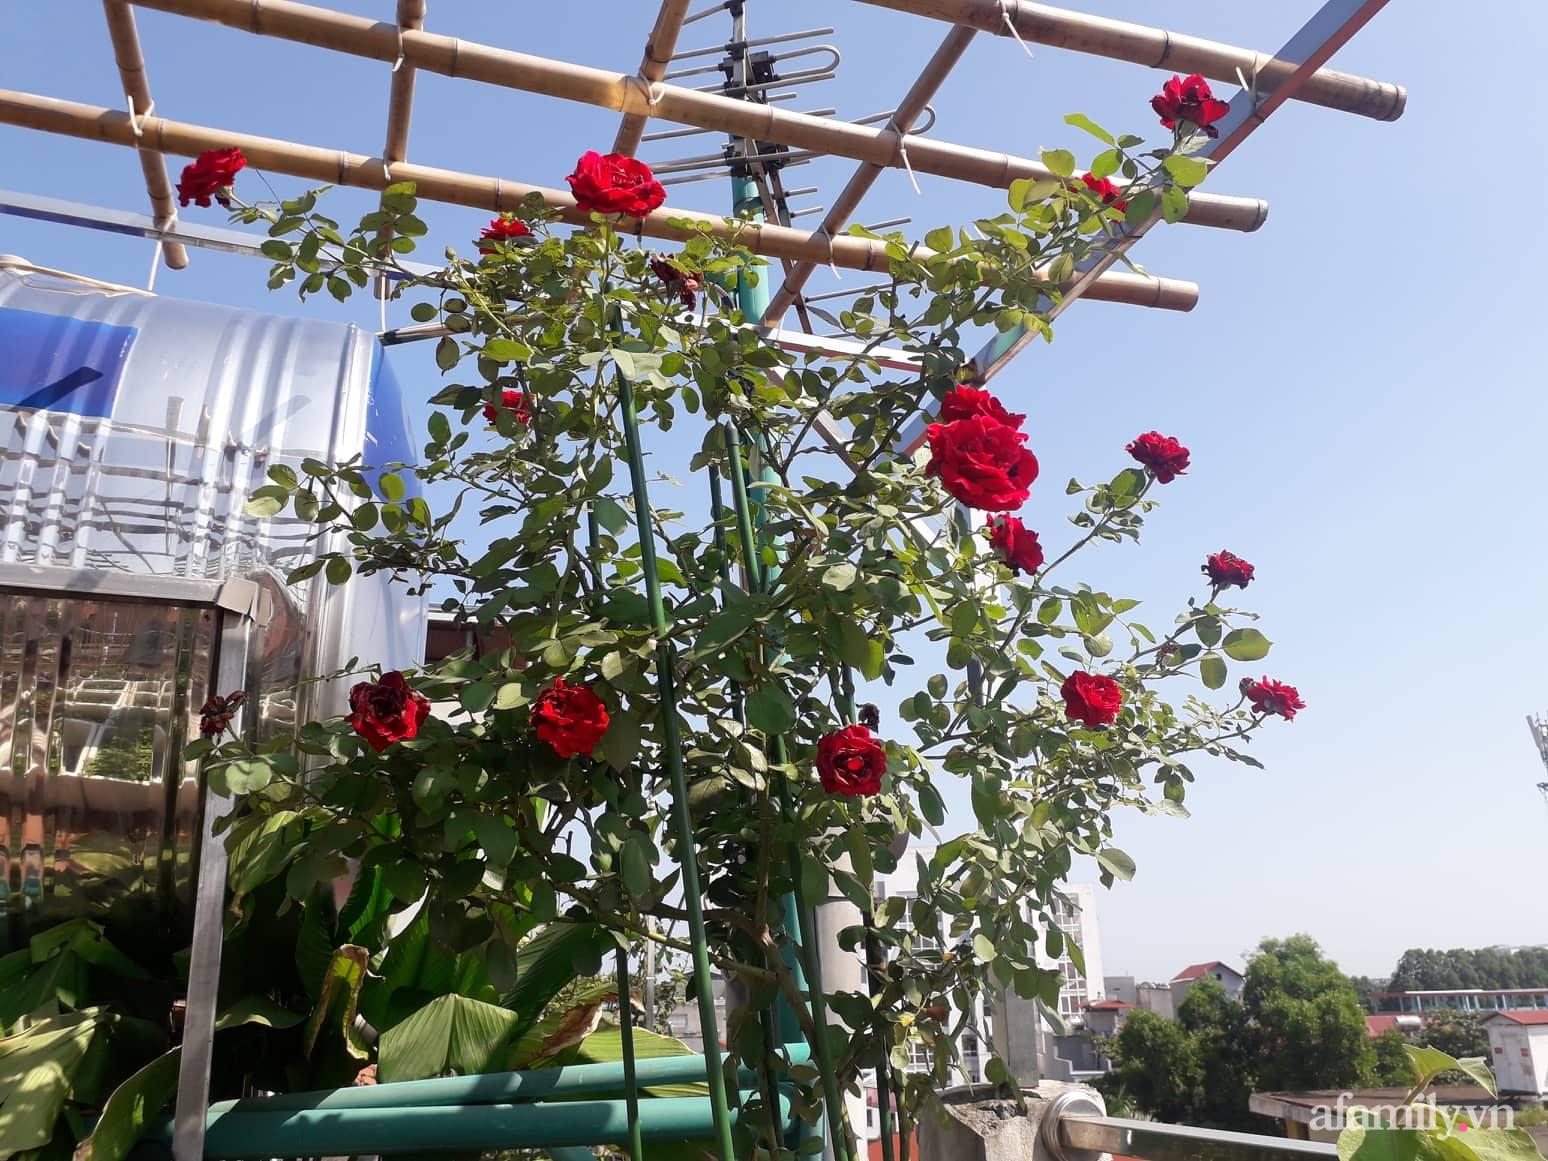 Sân thượng 50m² không khác gì trang trại với đủ loại rau quả sạch theo mùa của mẹ đảm ở Hà Nội - ảnh 3